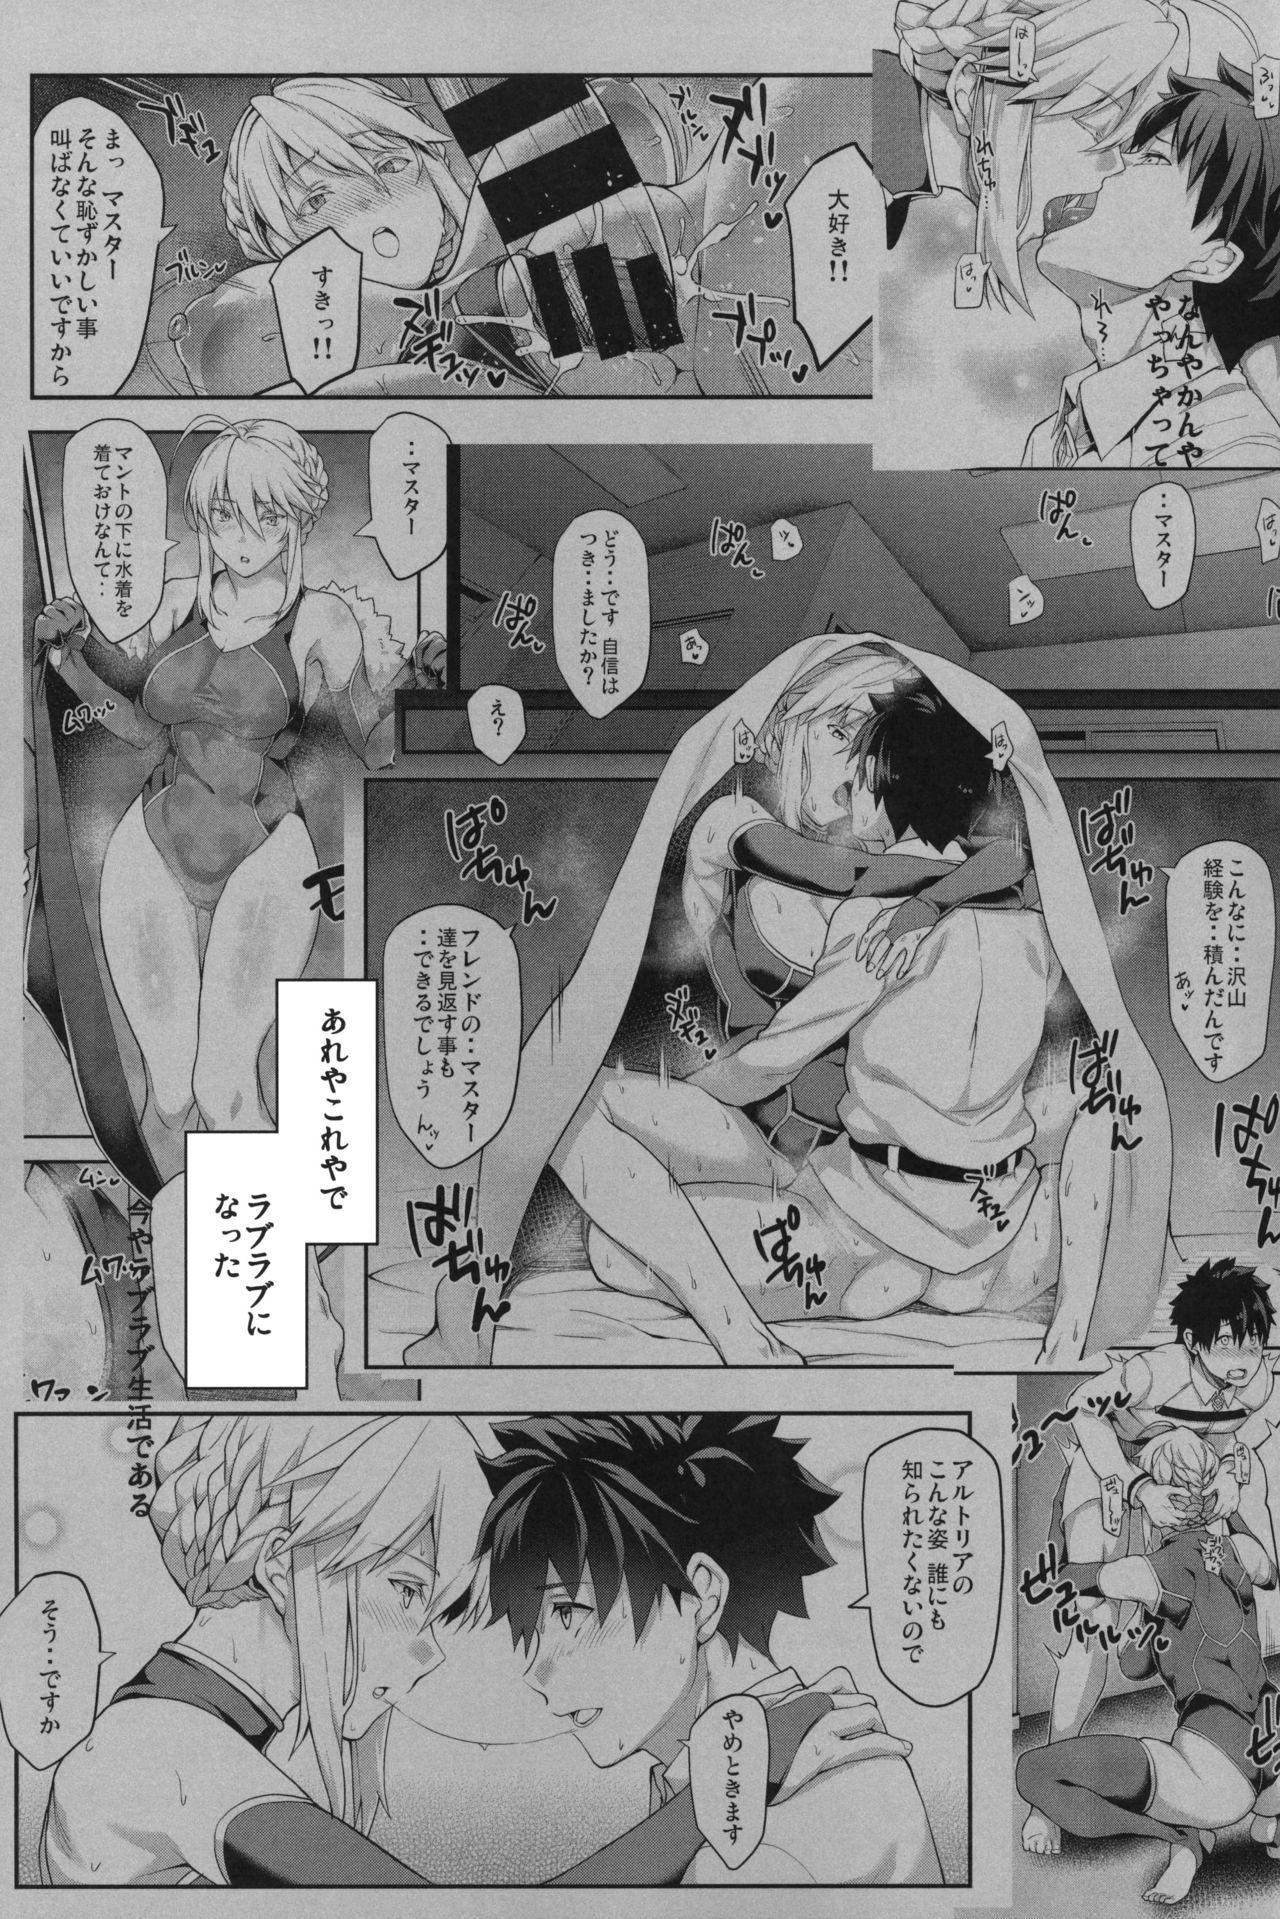 Kishiou no Kimochi Ii Ana 3